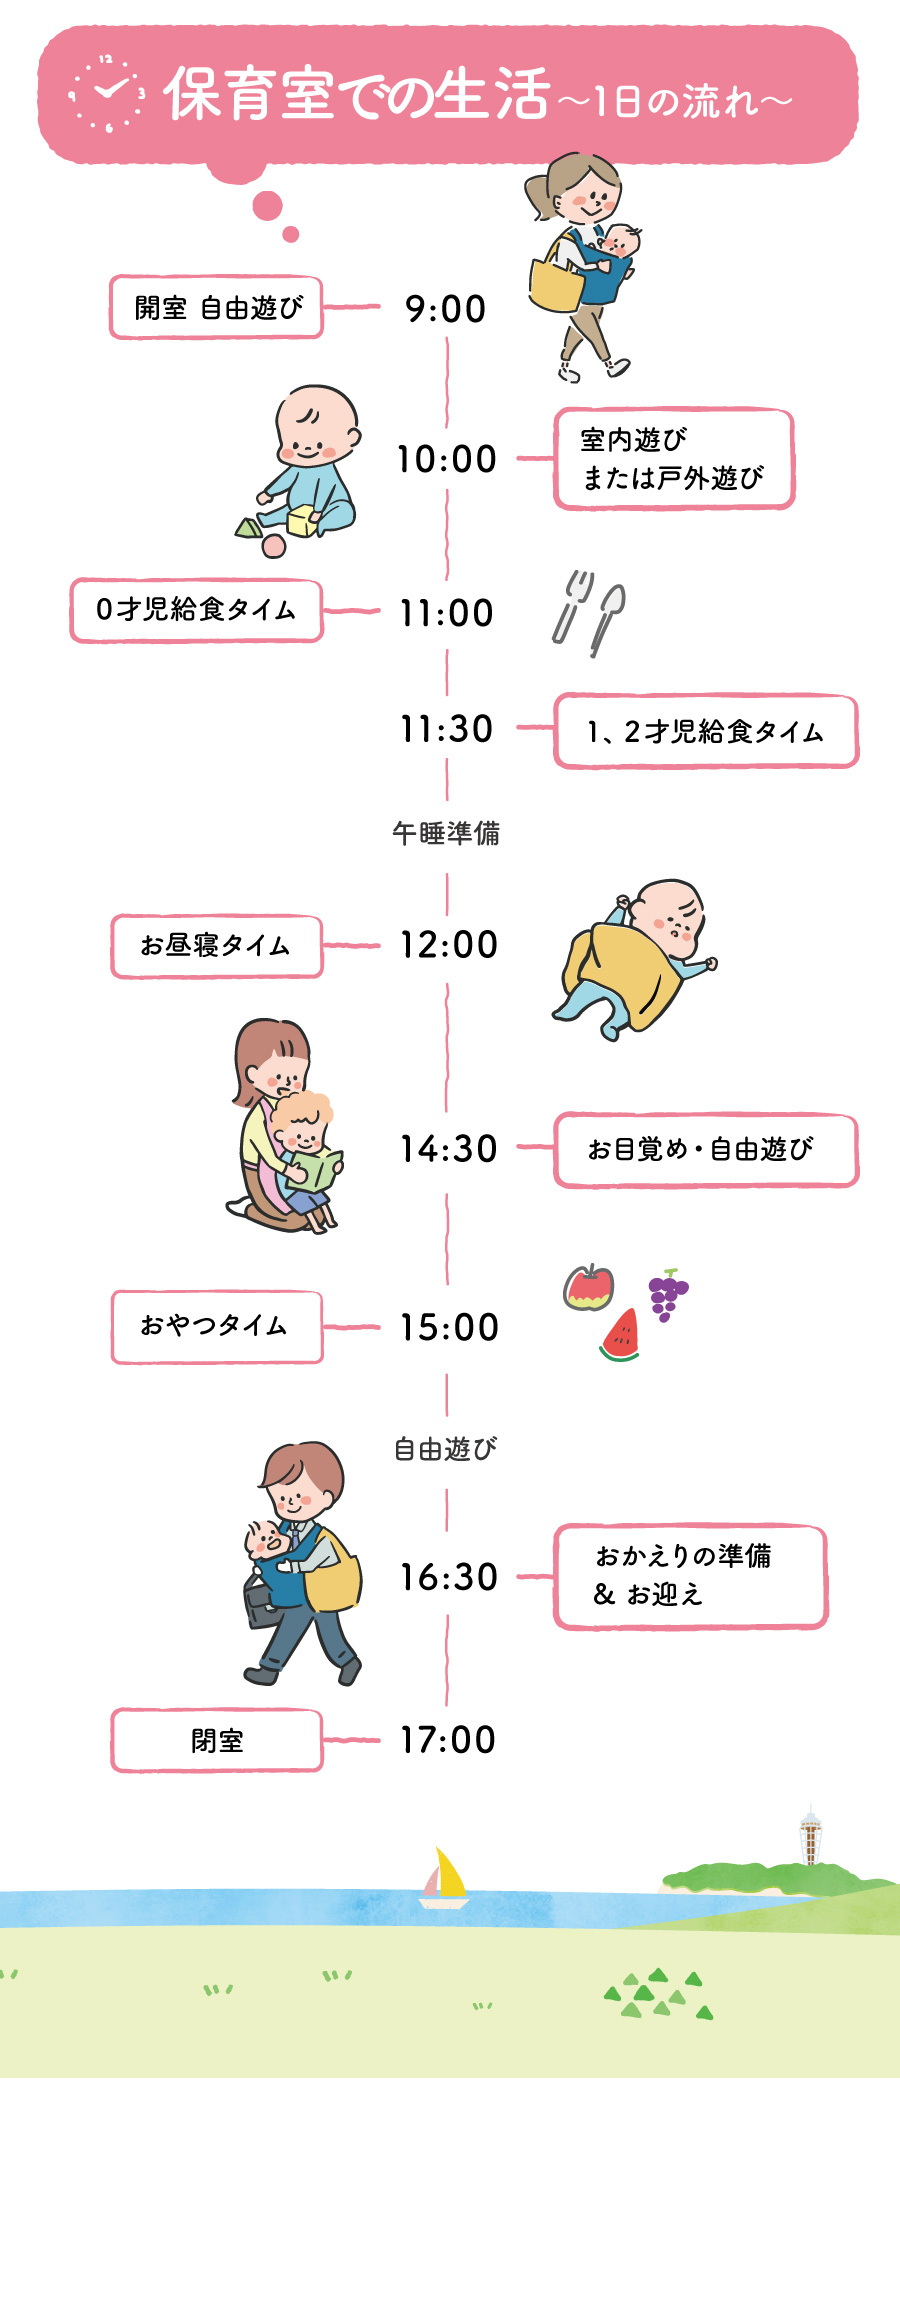 鎌倉市認可の家庭的保育室 育ちあいの家 おなり 保育室の1日